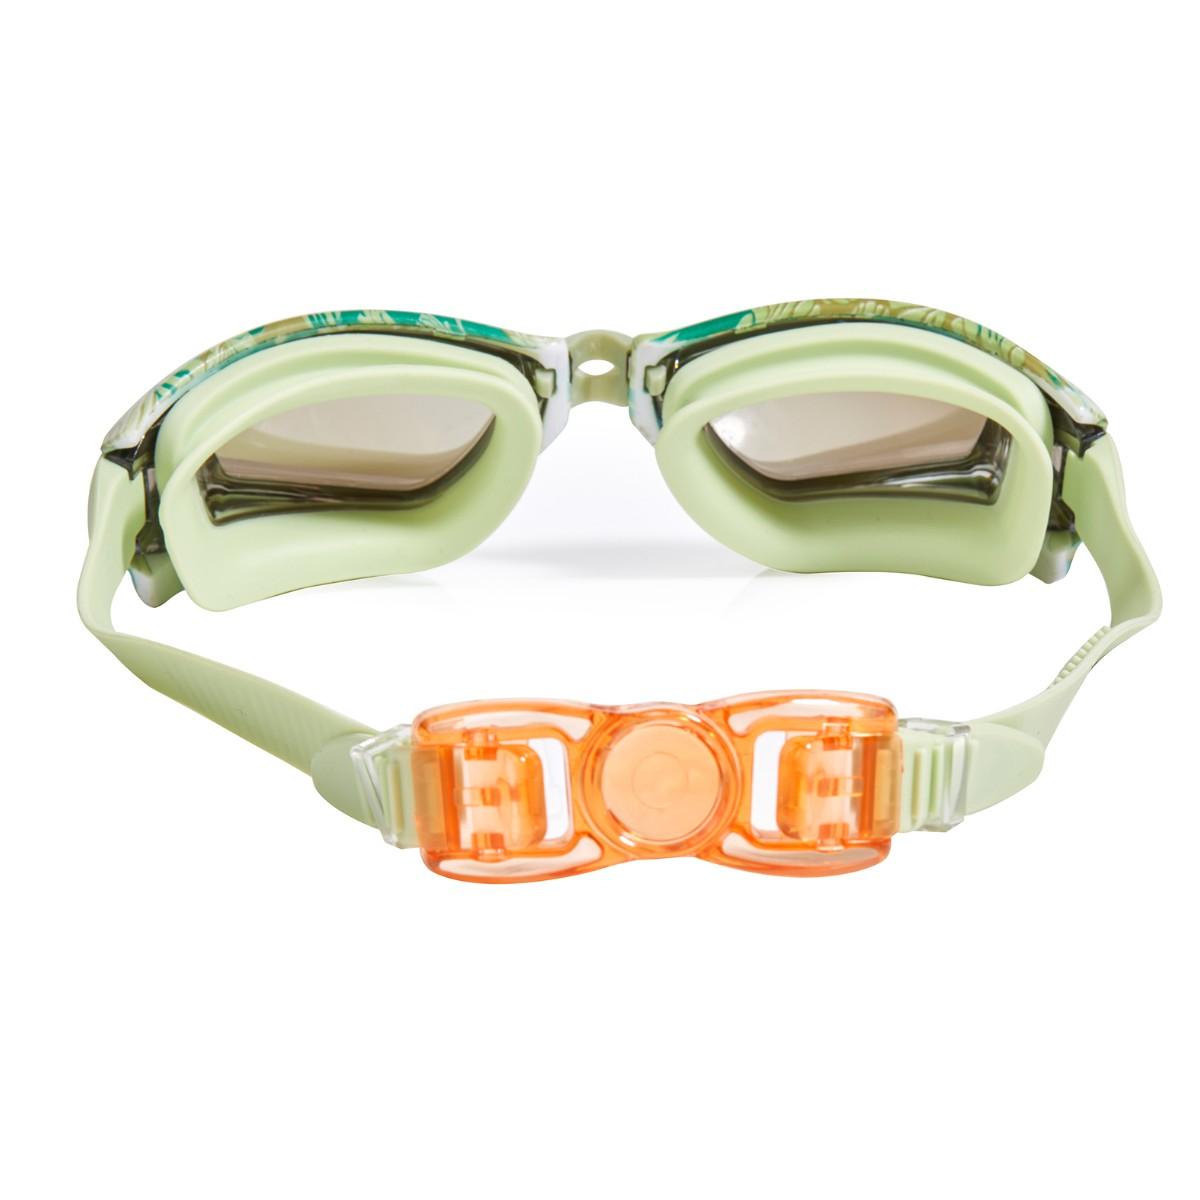 Svømmebrille - Regnskoven